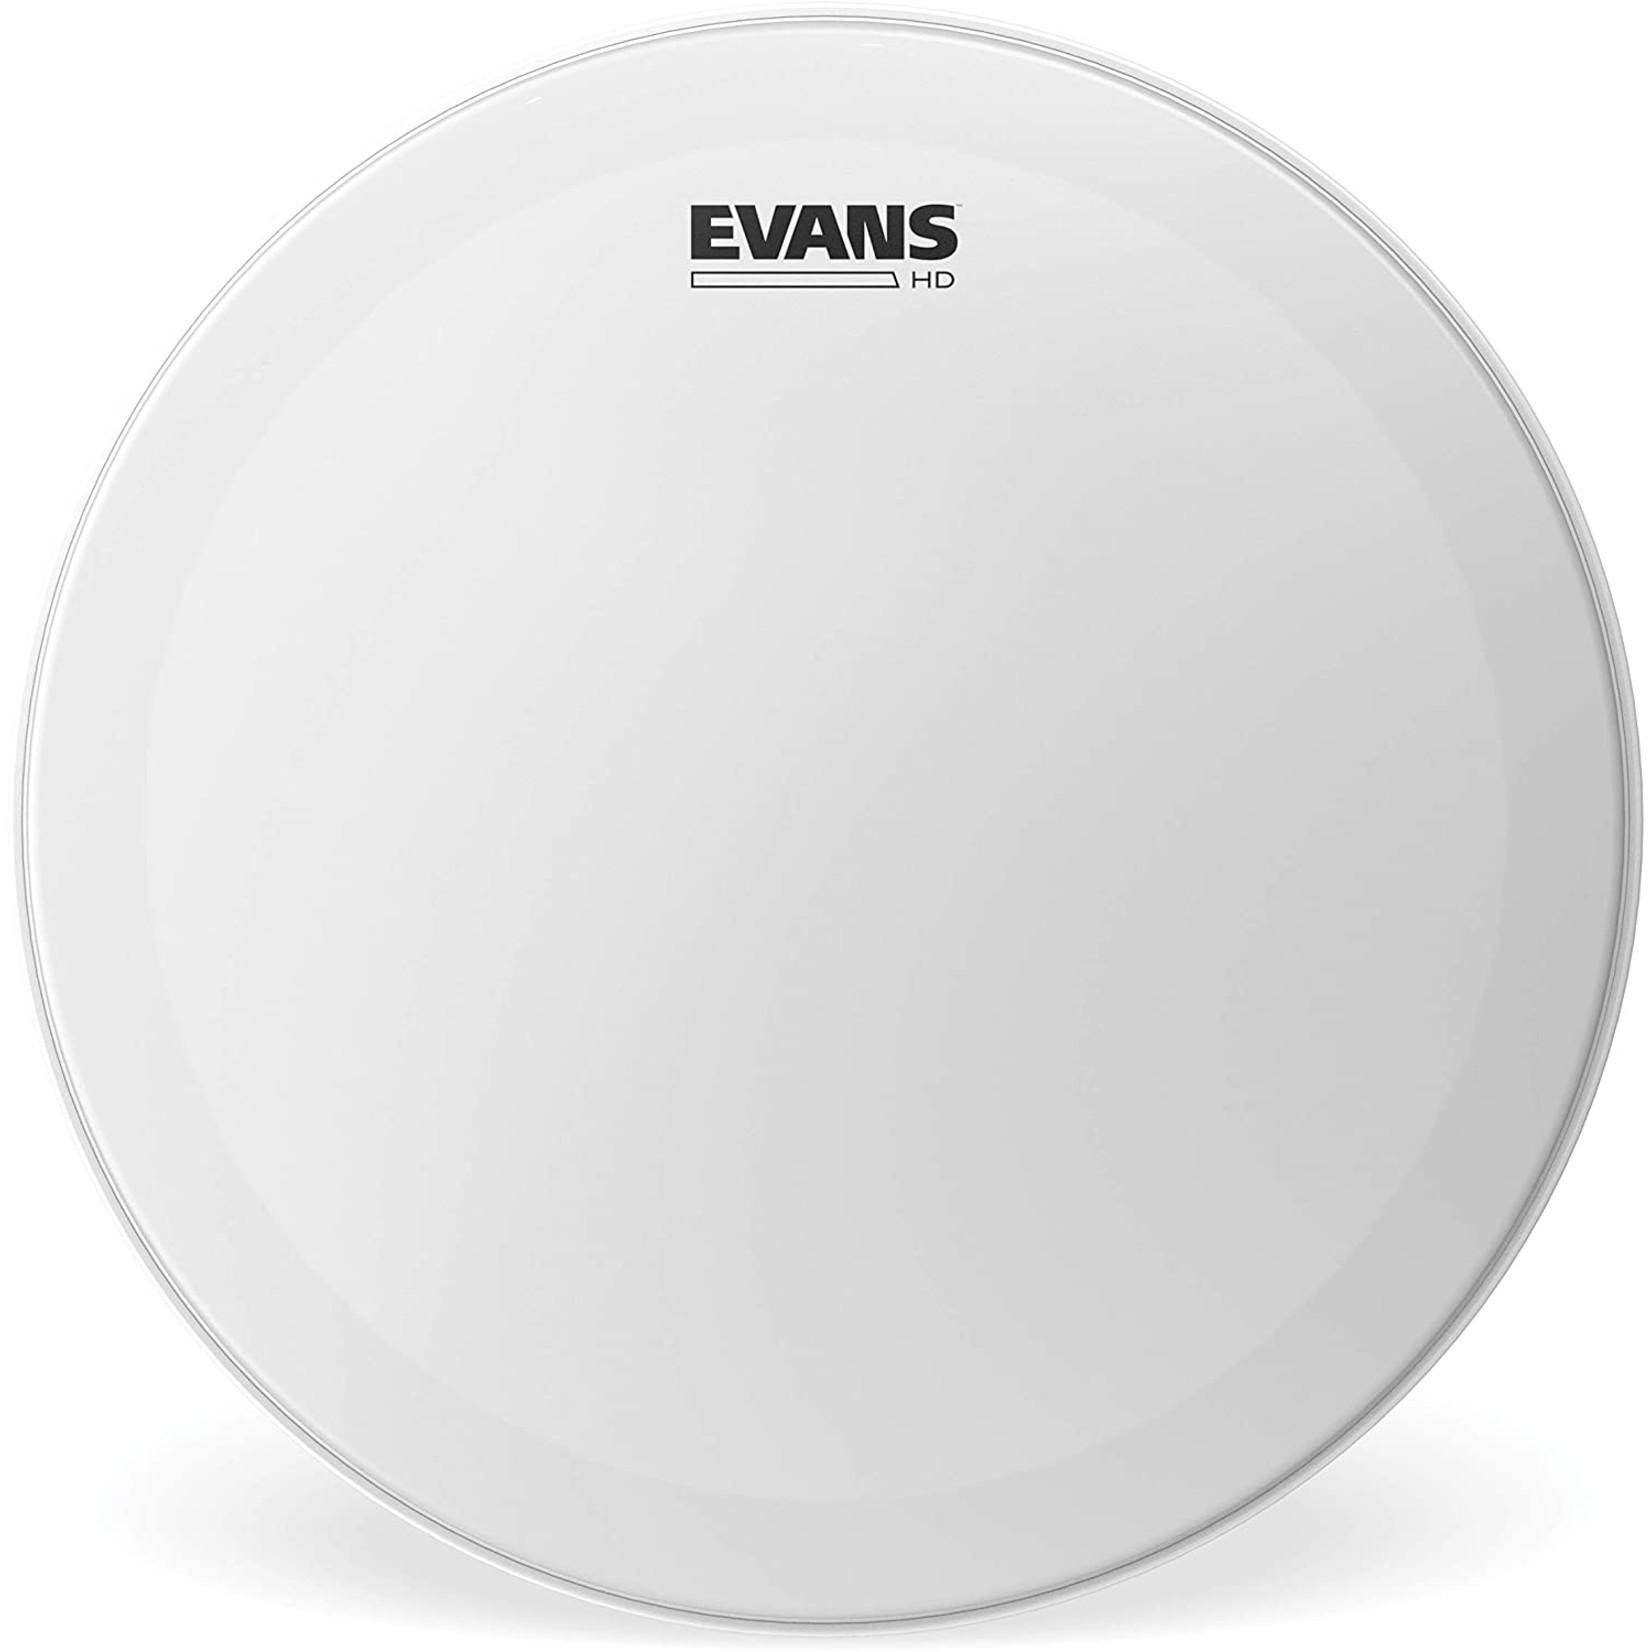 Evans Evans Coated HD